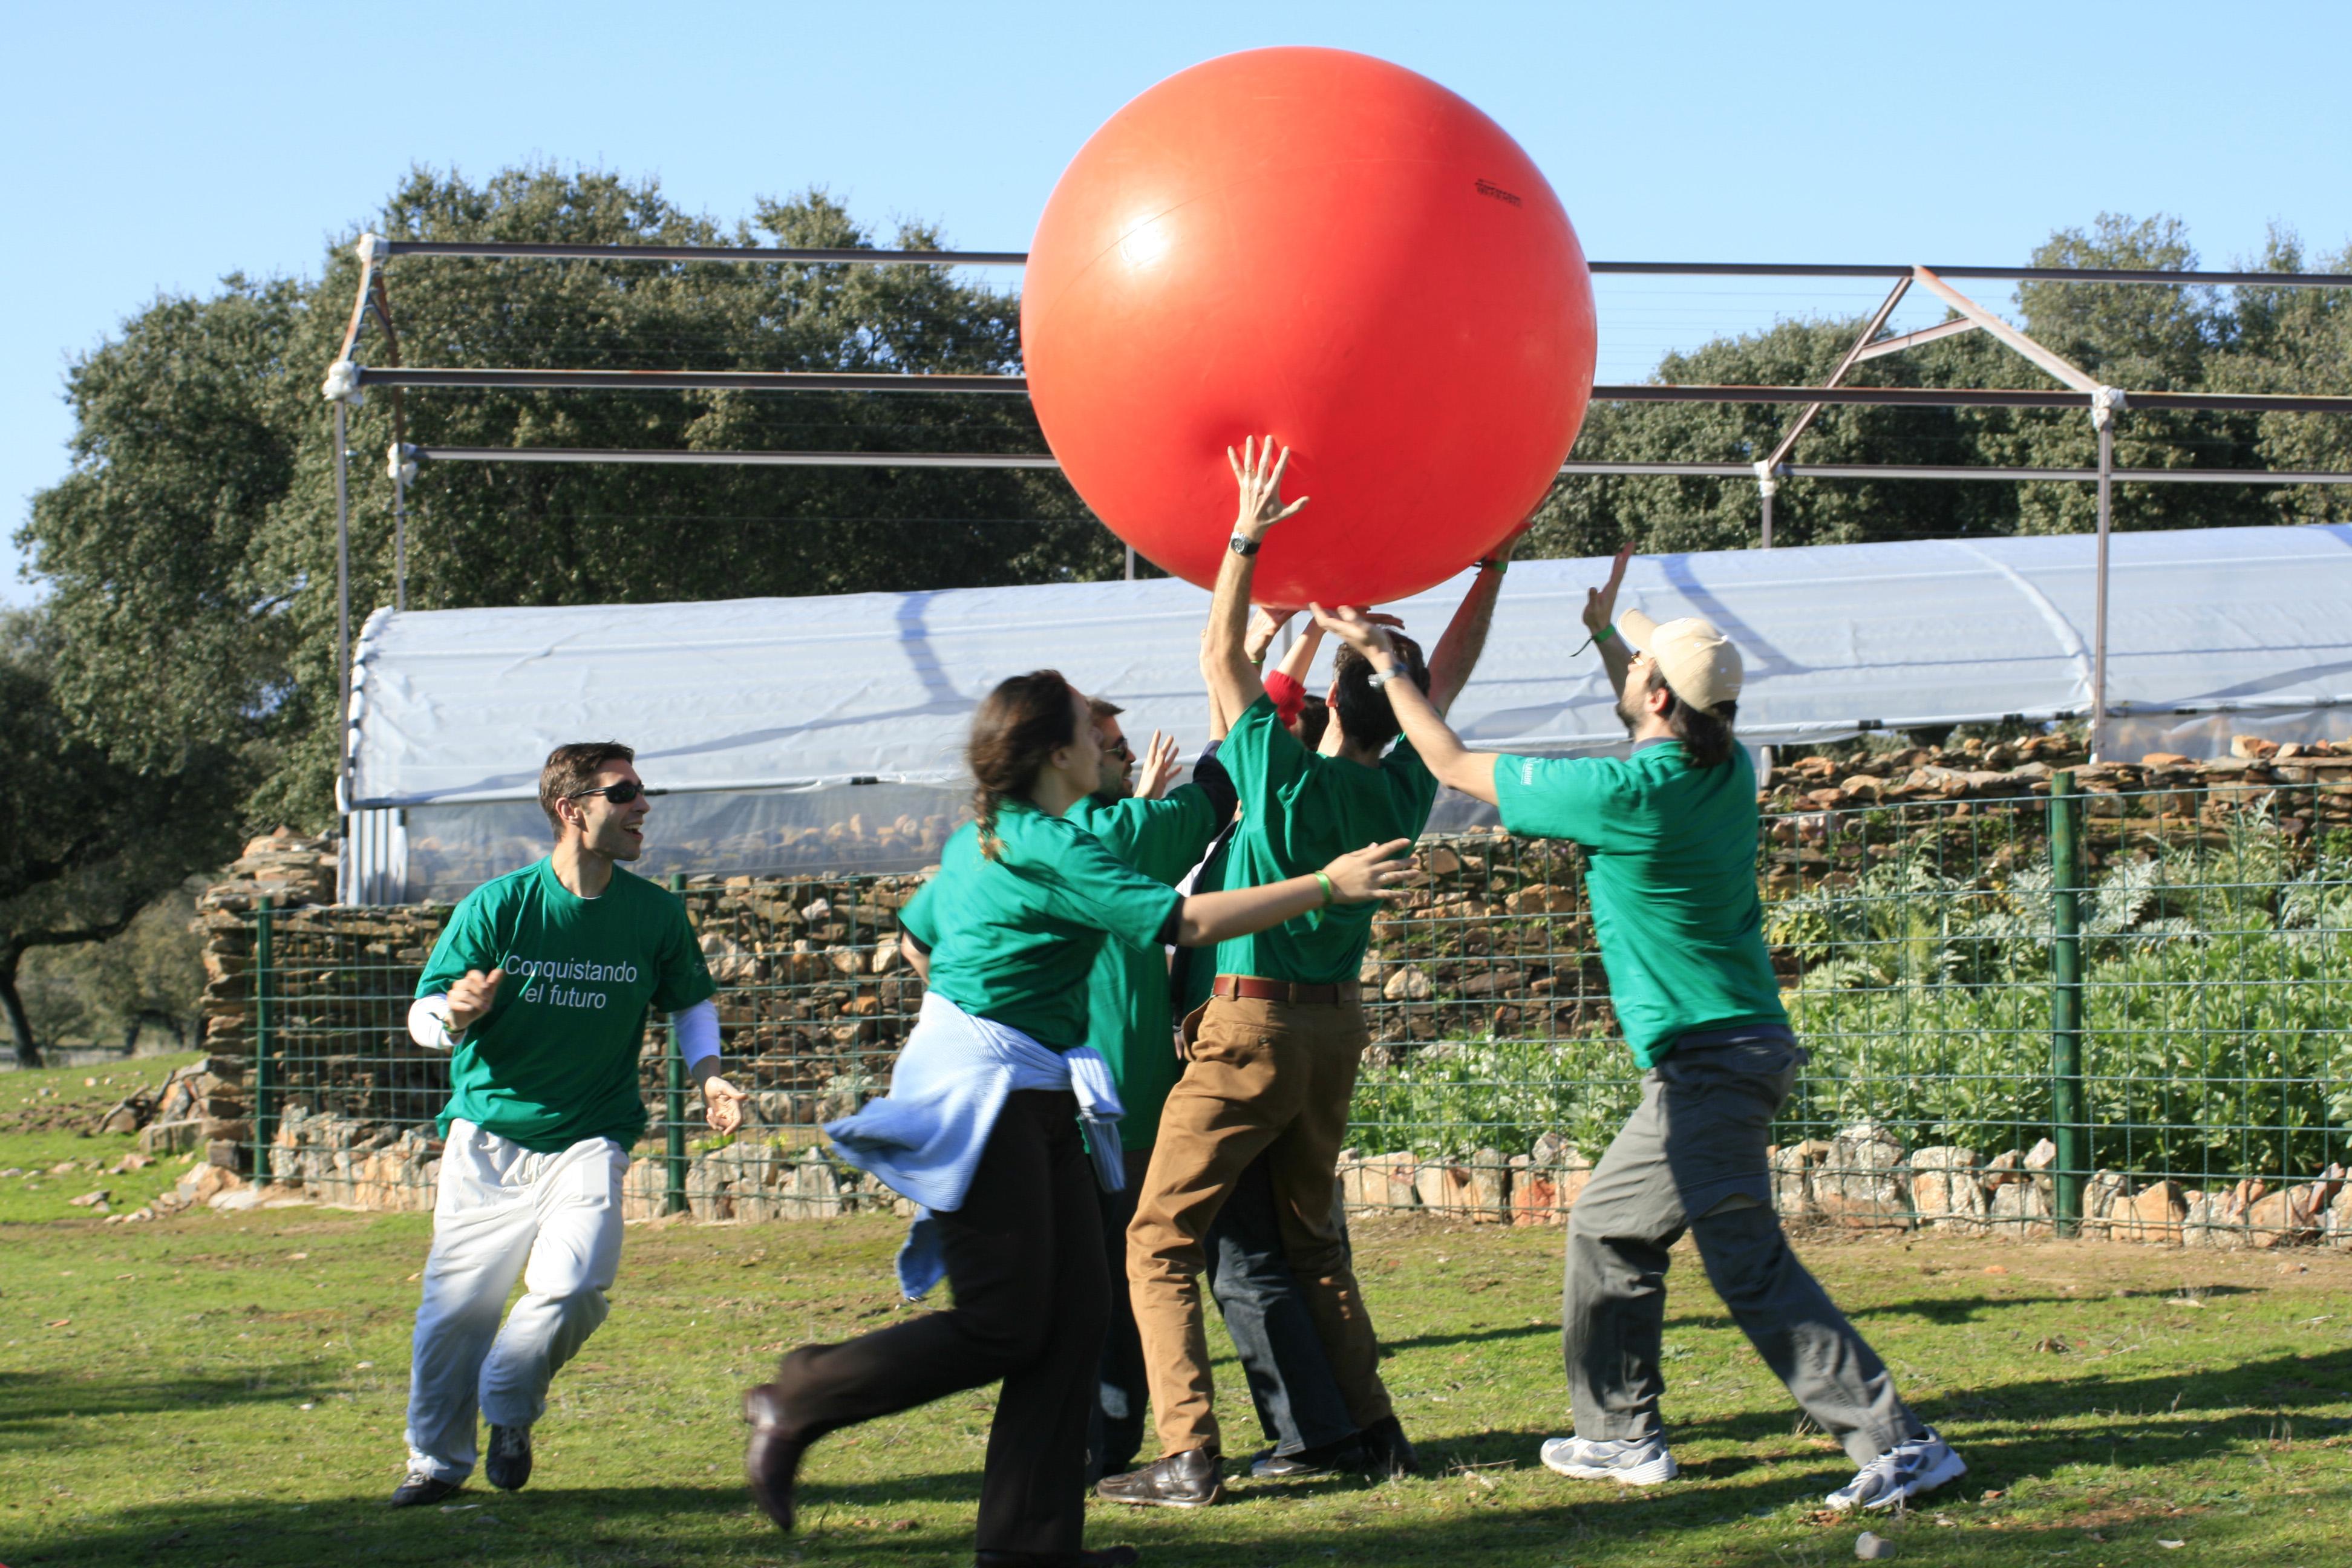 Balon Gigante Cardif